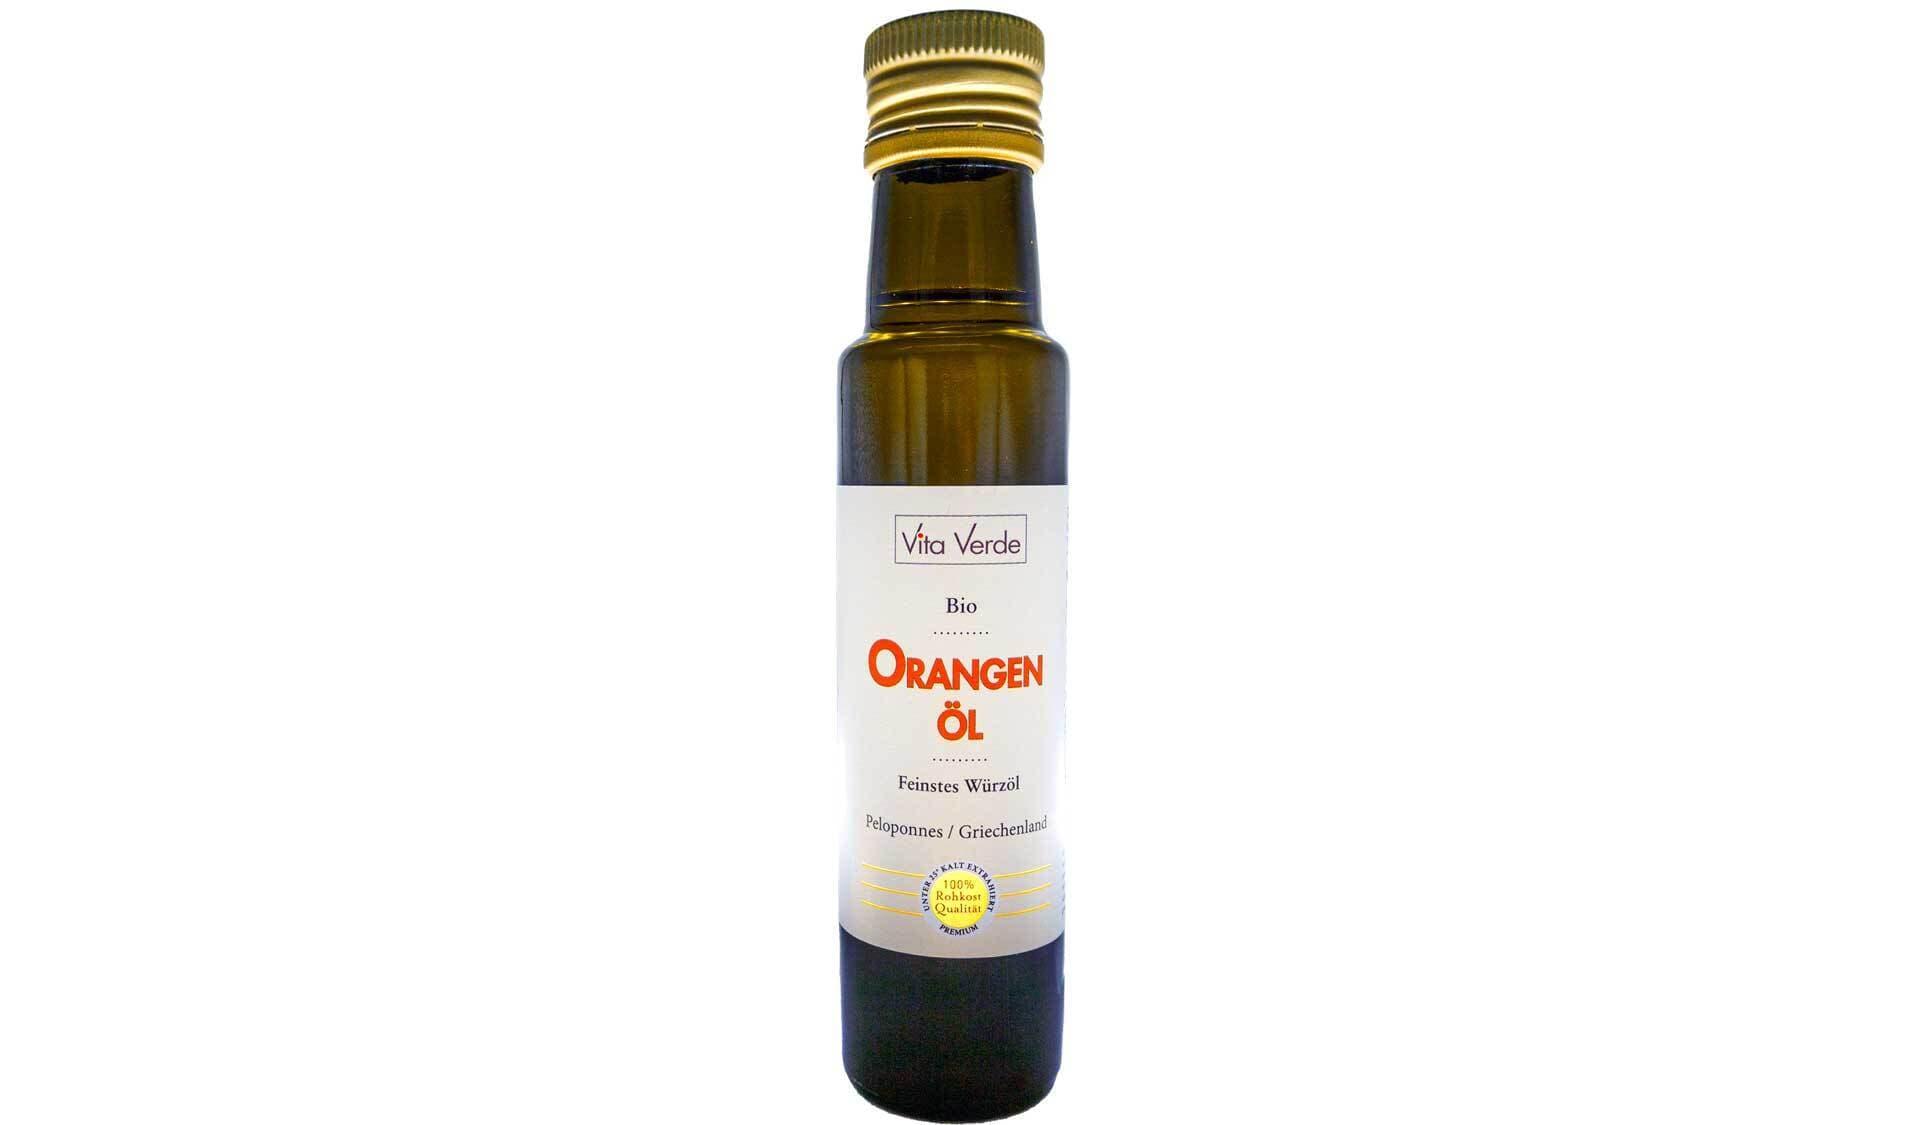 Vita Verde Orangenöl